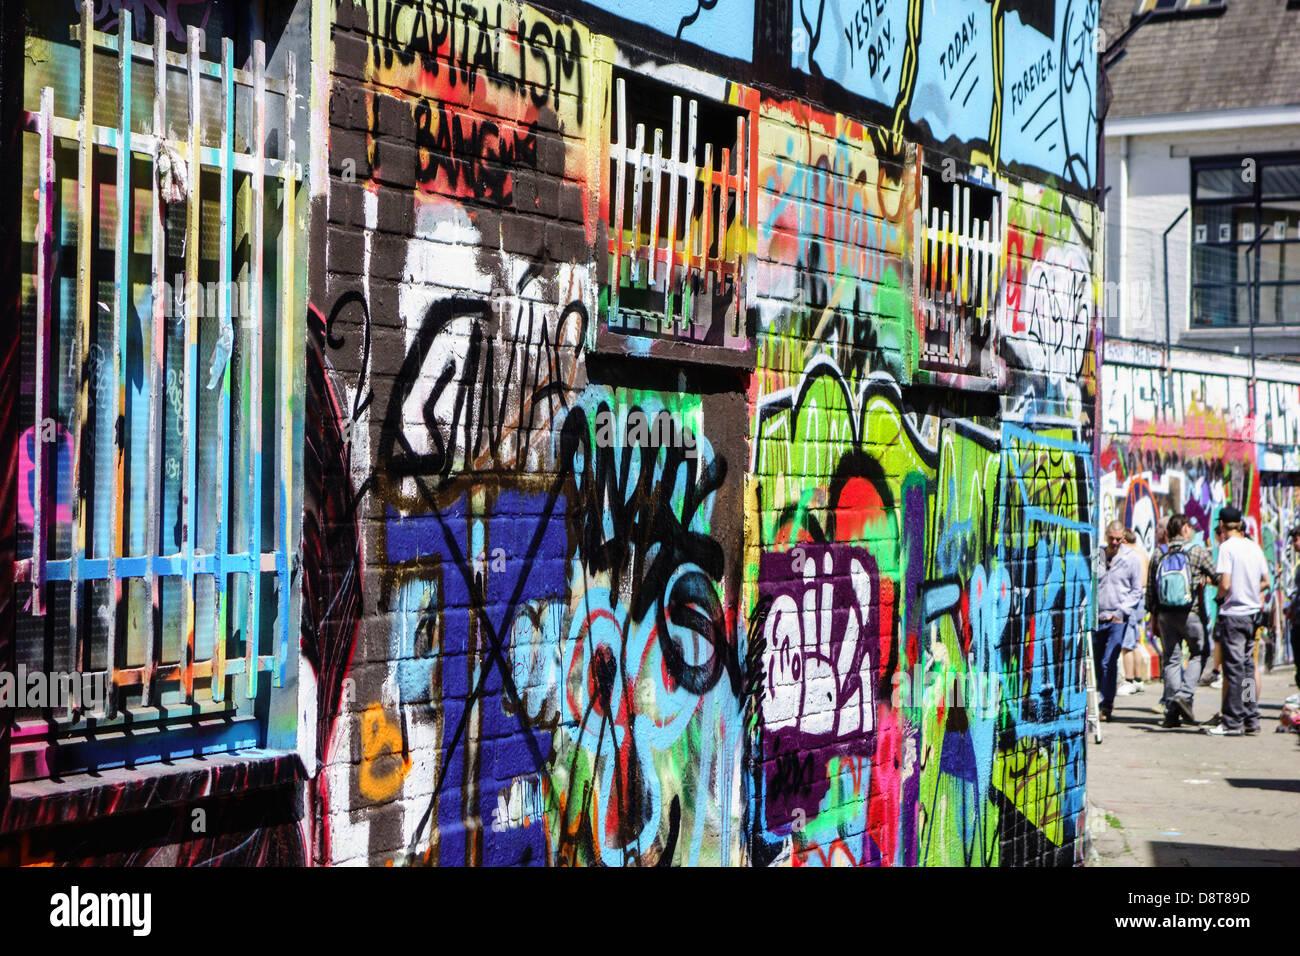 Jugendliche in Gasse sprühen bunte Graffiti an der Wand des Gebäudes in der Stadt Stockfoto